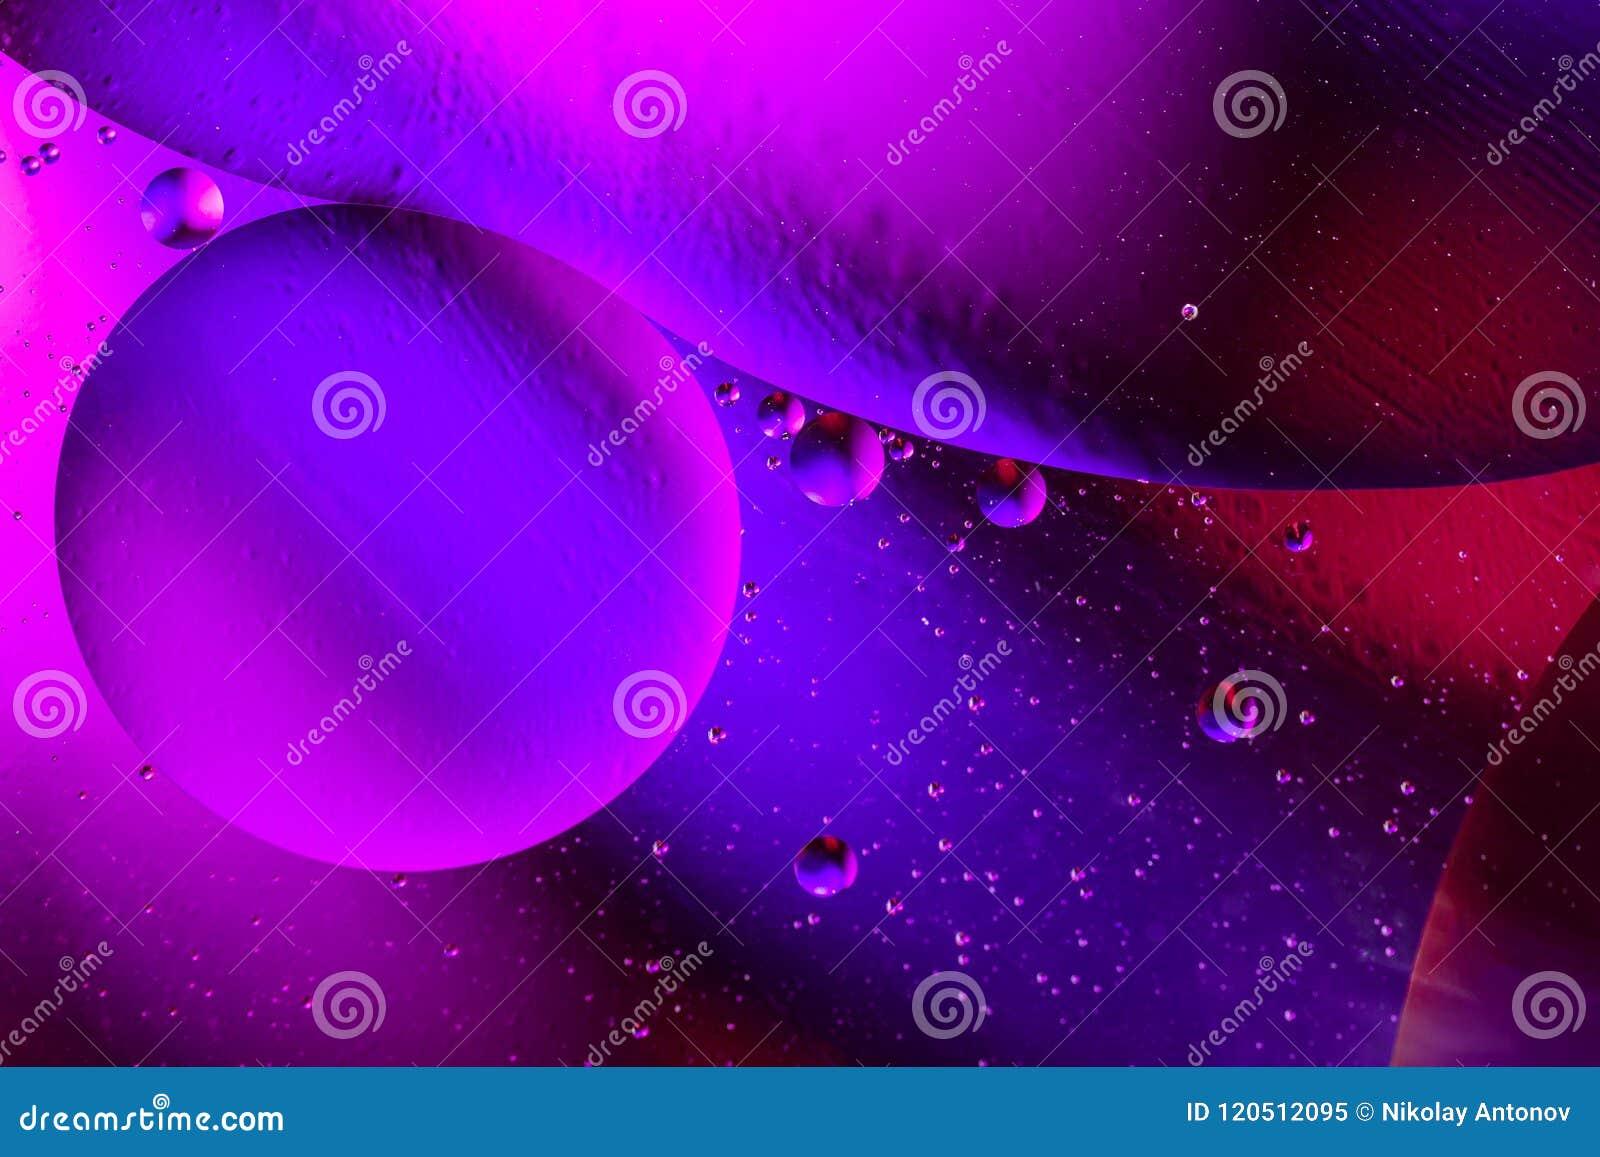 Предпосылка вселенной космоса или планет космическая абстрактная фиолетовая Абстрактное sctructure атома молекулы вода пузырей ва